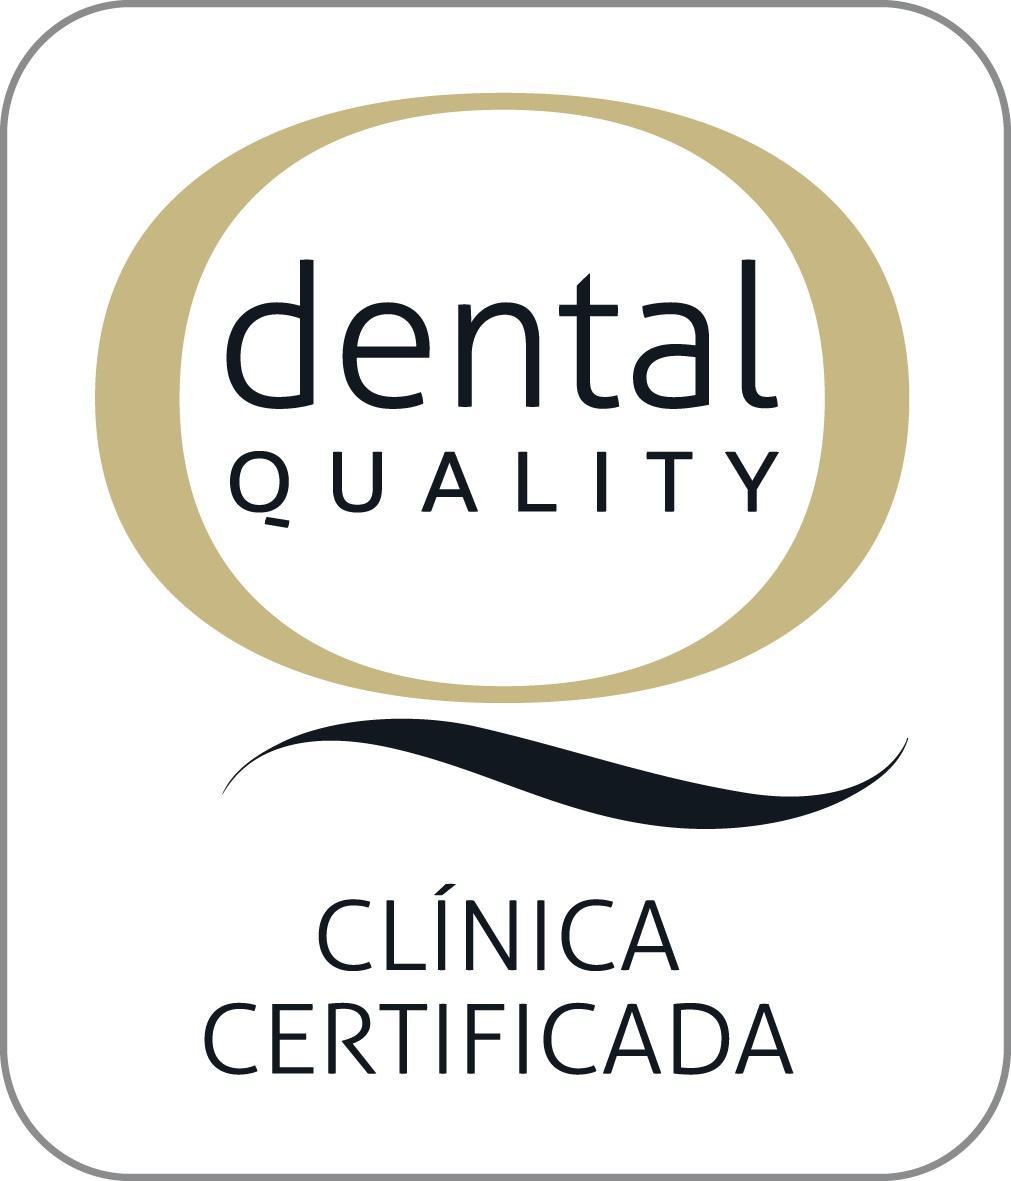 Dentalias, única clínica de Medicina – Cirugía Estética y Dental de Cantabria con certificado de calidad DENTAL QUALITY